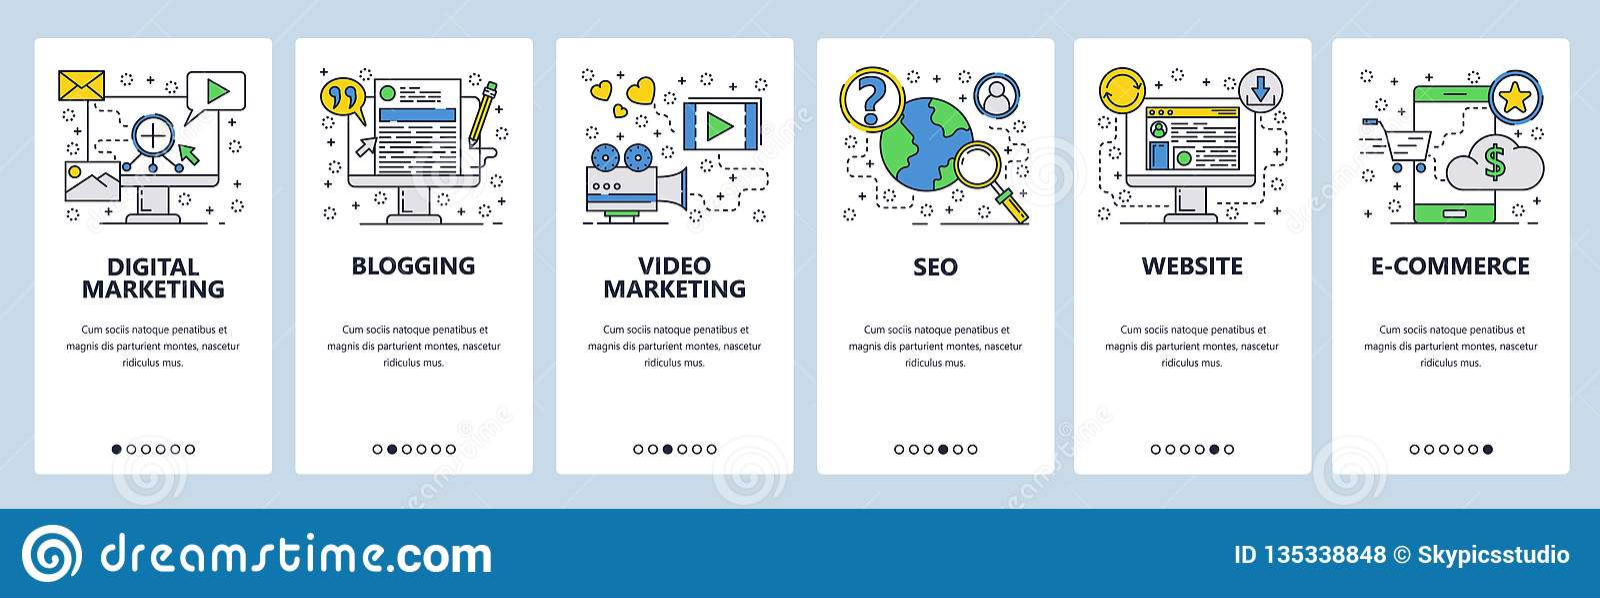 Onboarding Schirme der Website SEO, digitales Marketing, on-line-Einkaufen, Video Menüvektor-Fahnenschablone für Website und